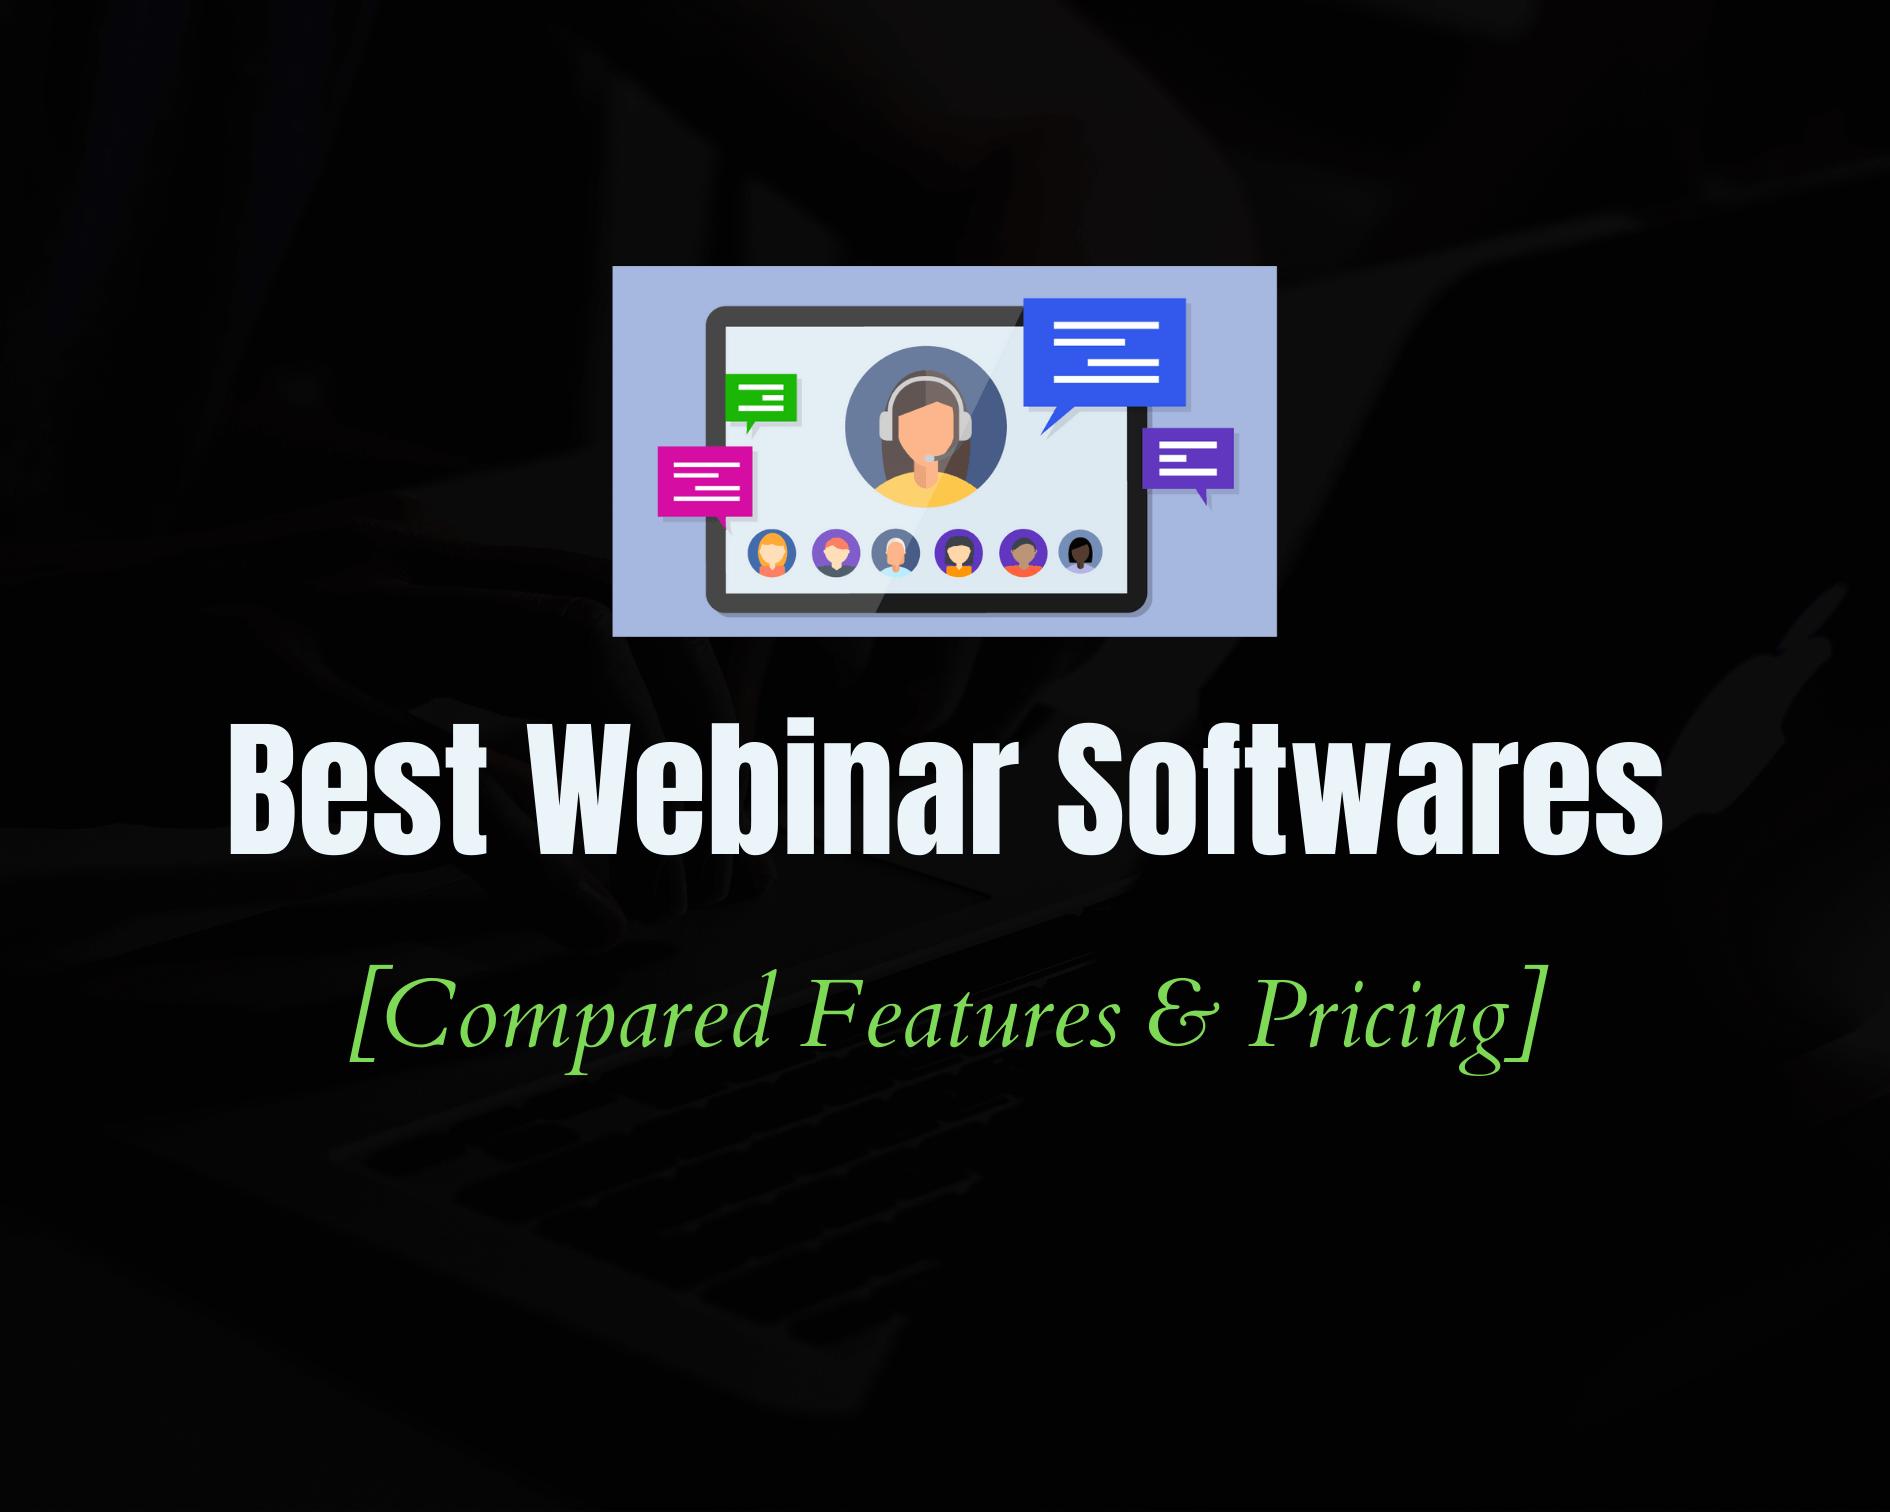 Top 10 Best Webinar Software Platforms for 2021